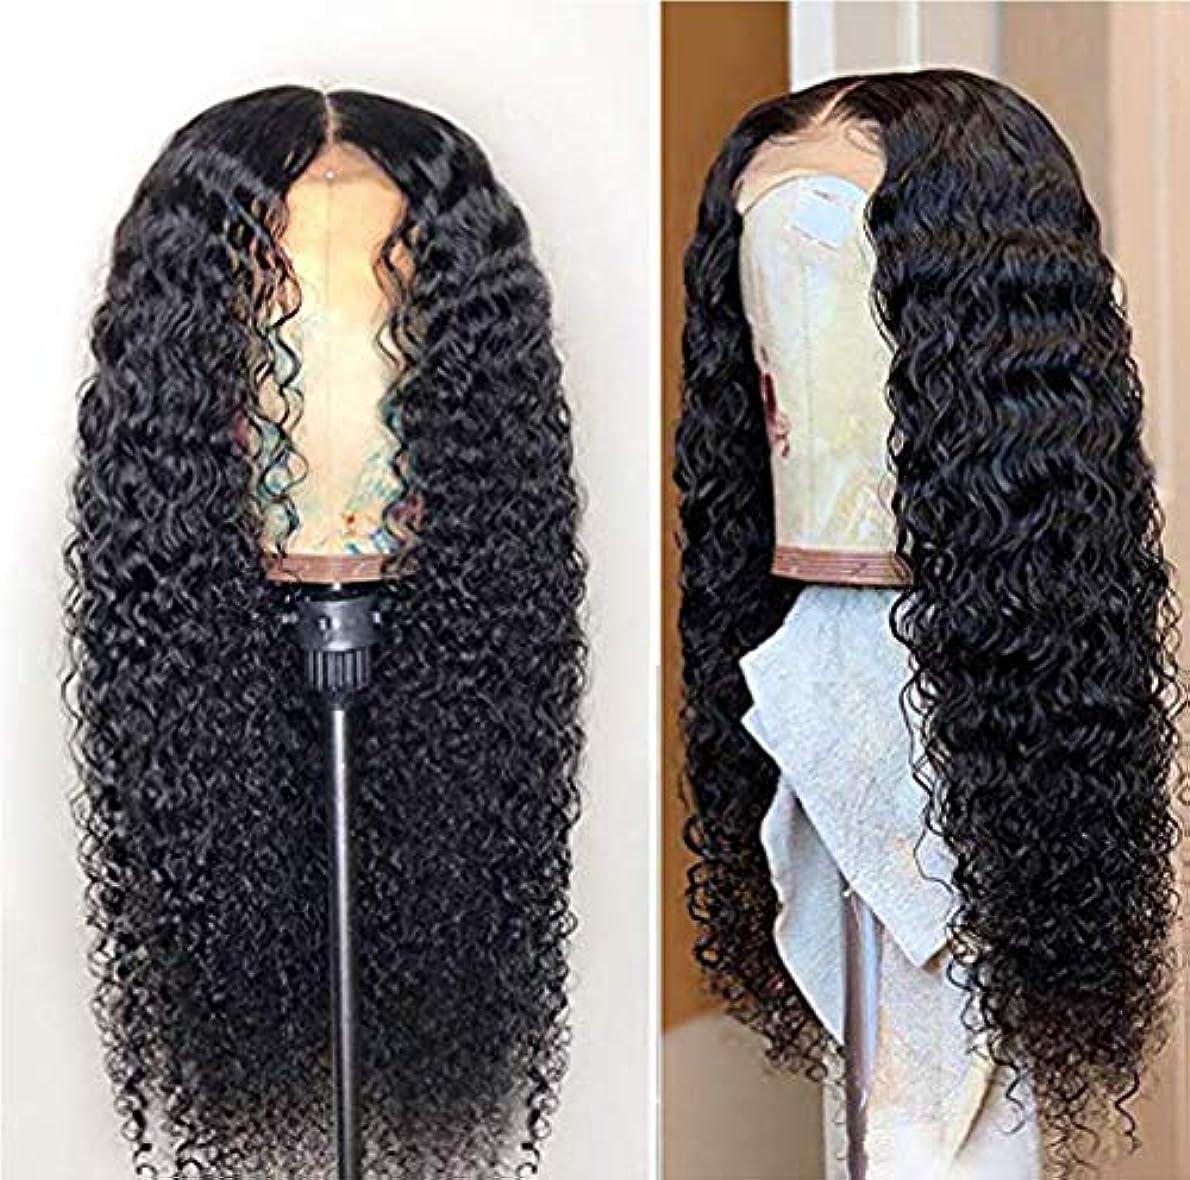 教育学落ち着いてエール女性150%密度フロントレースかつら耐熱合成長い髪の合成かつら側部かつら